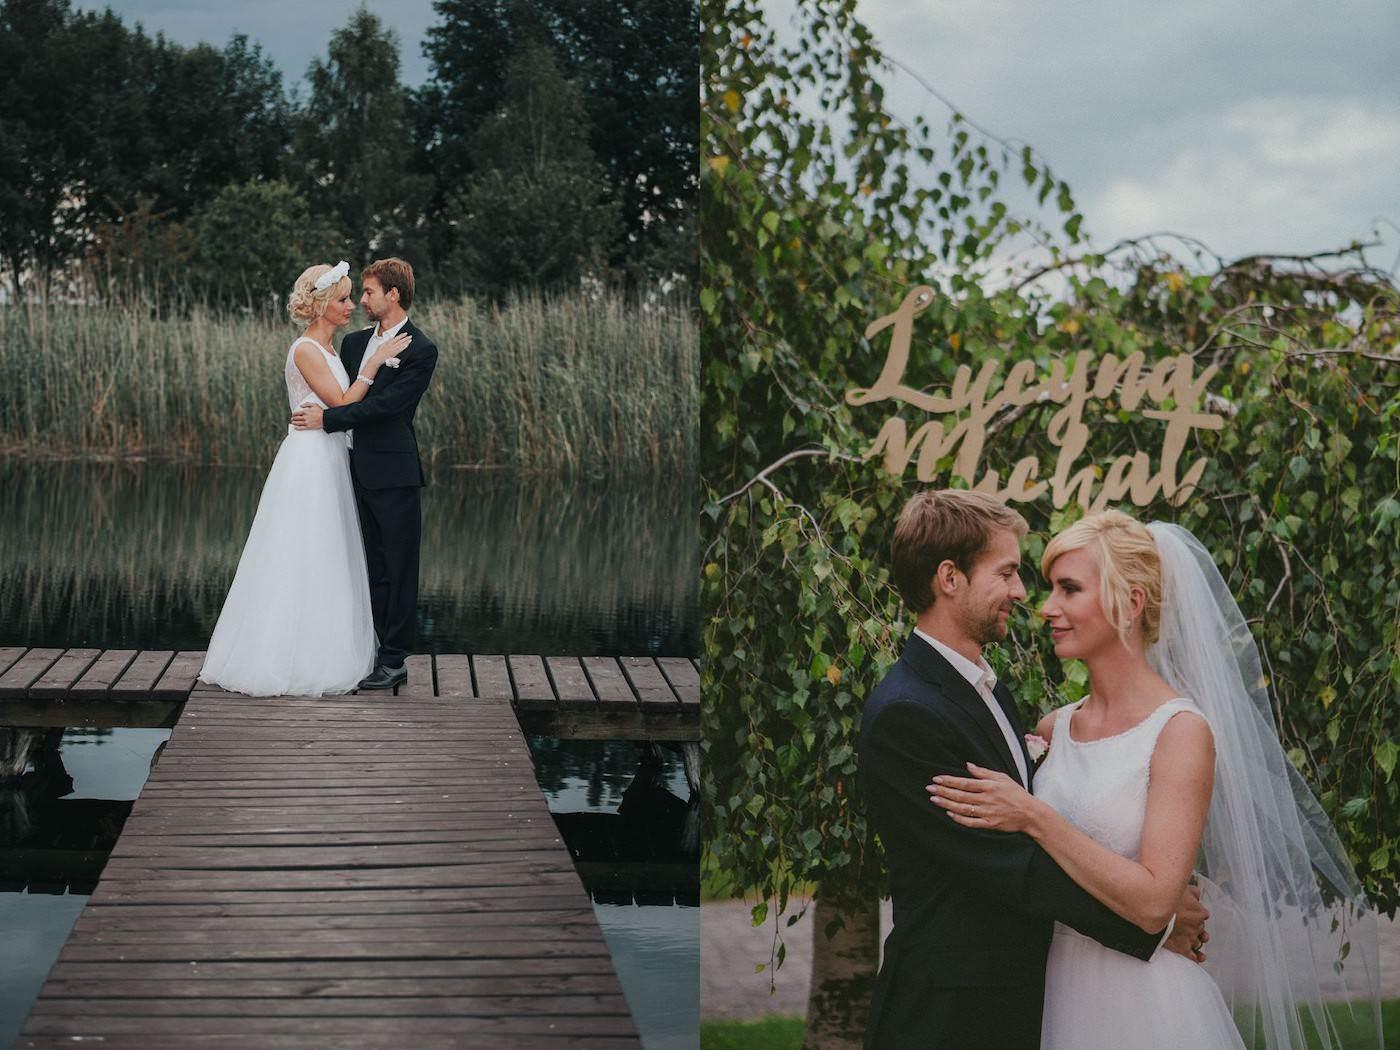 Lucyna i Michał - Wesele w Country Parku Pod Gajem 110